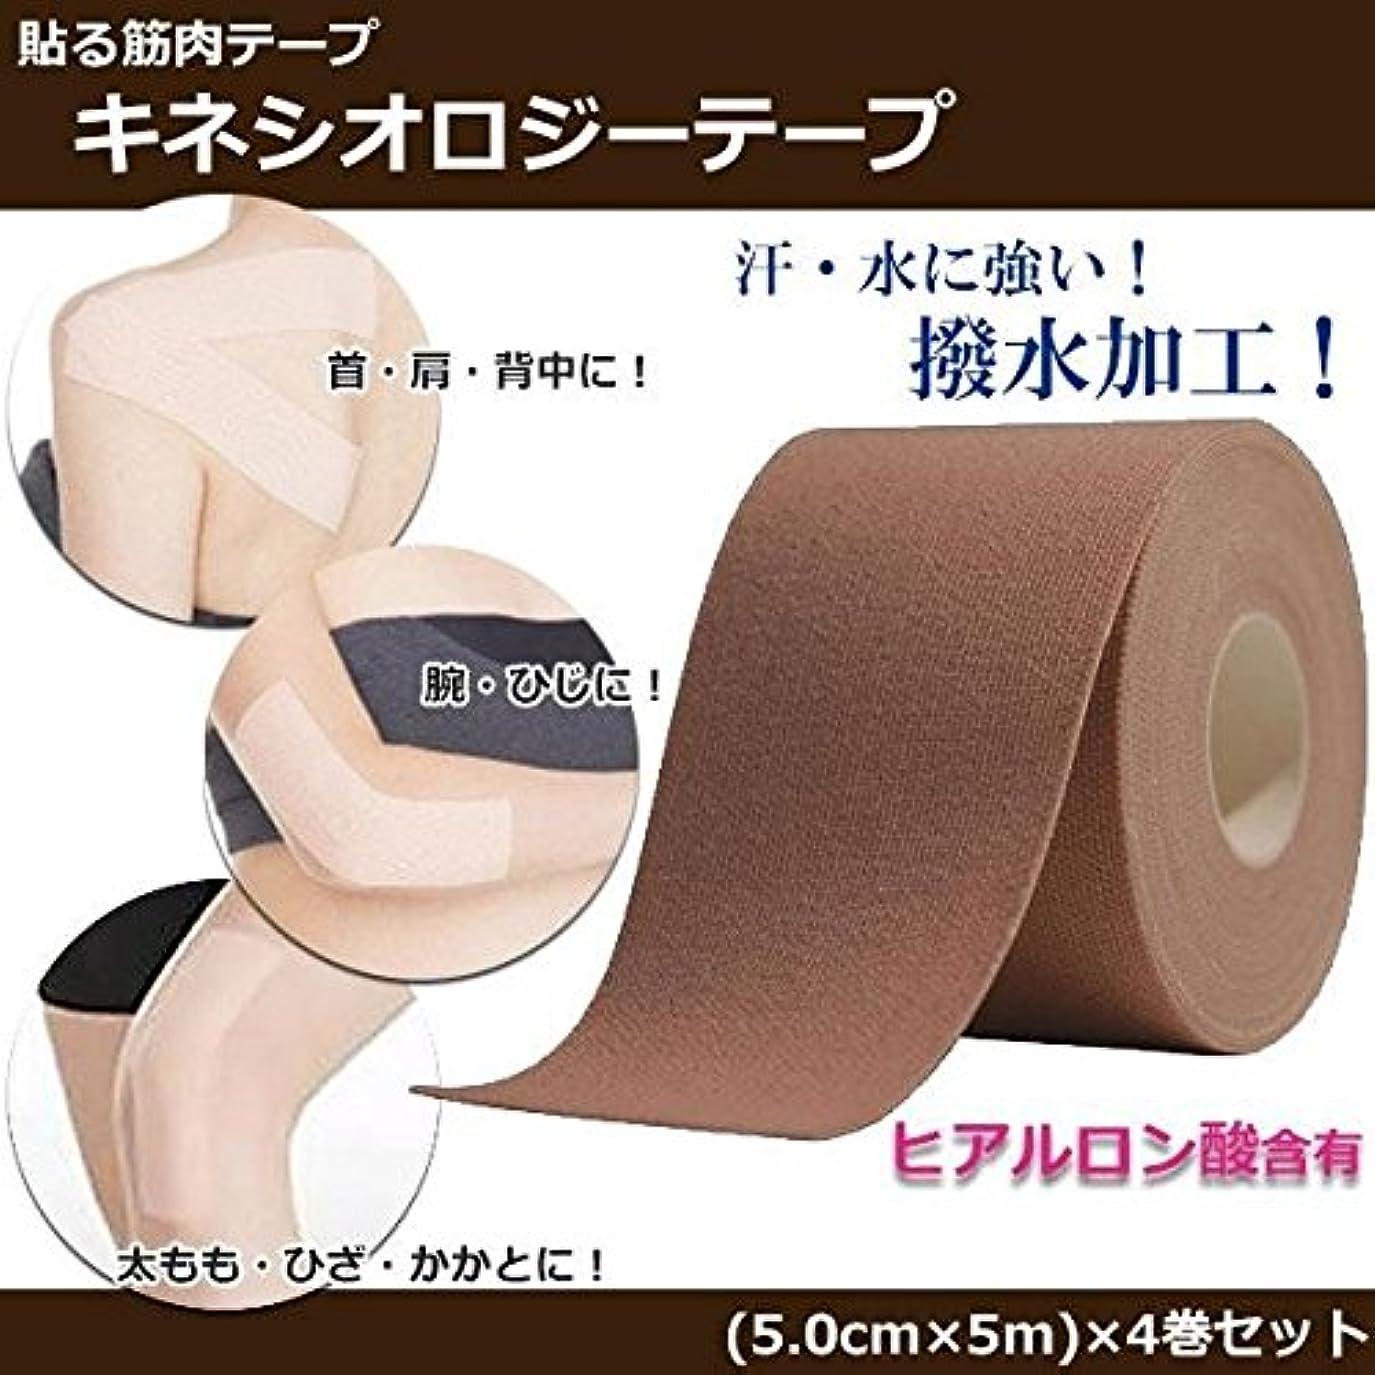 機密パプアニューギニア憲法貼る筋肉テープ キネシオロジーテープ ヒアルロン酸含有 日本製 4巻セット